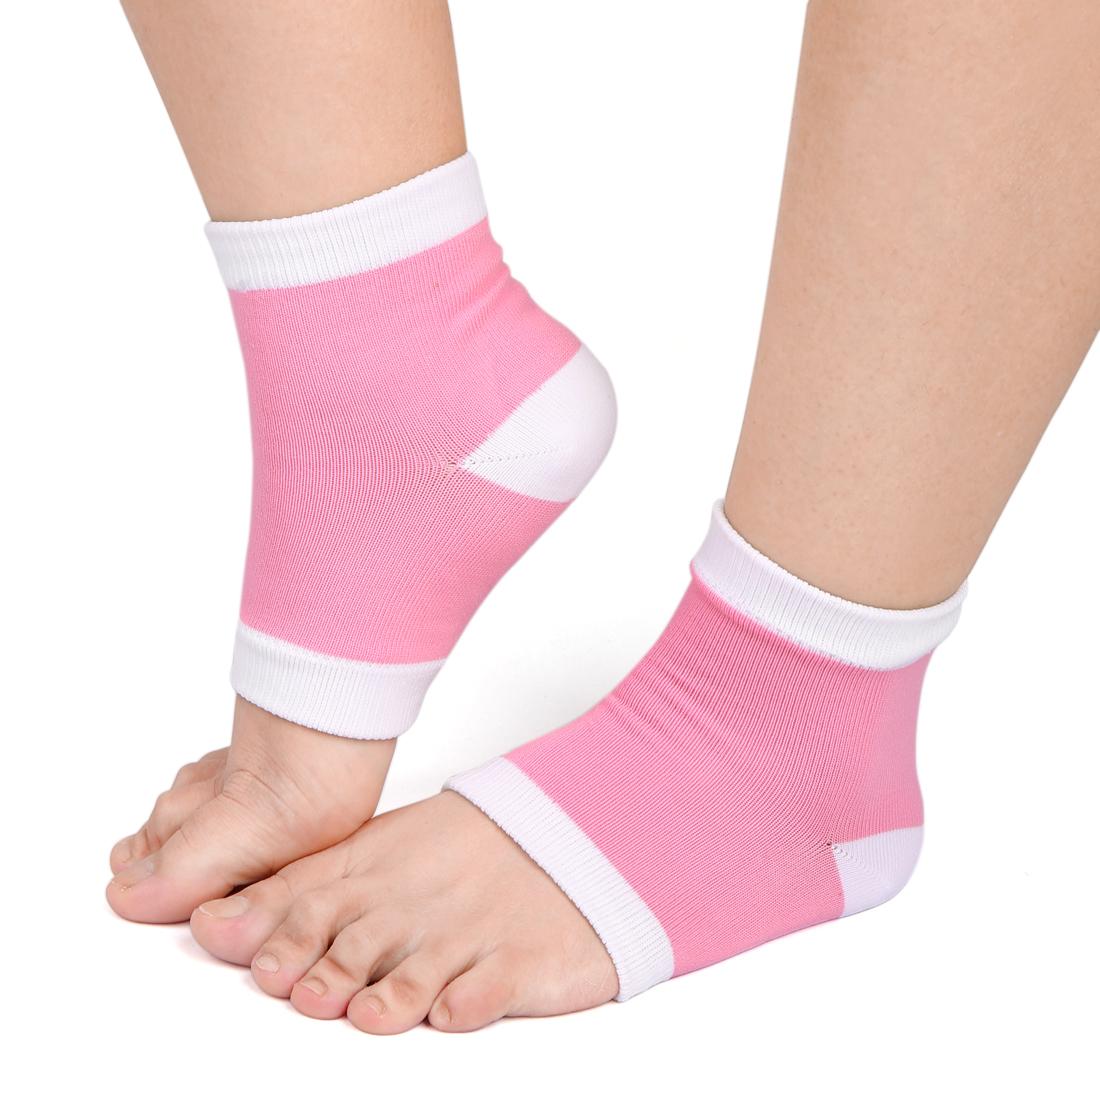 1 Pair Pink Half Cover Sleeves Moisturizing Cracked Skin Refine Gel Heel Socks